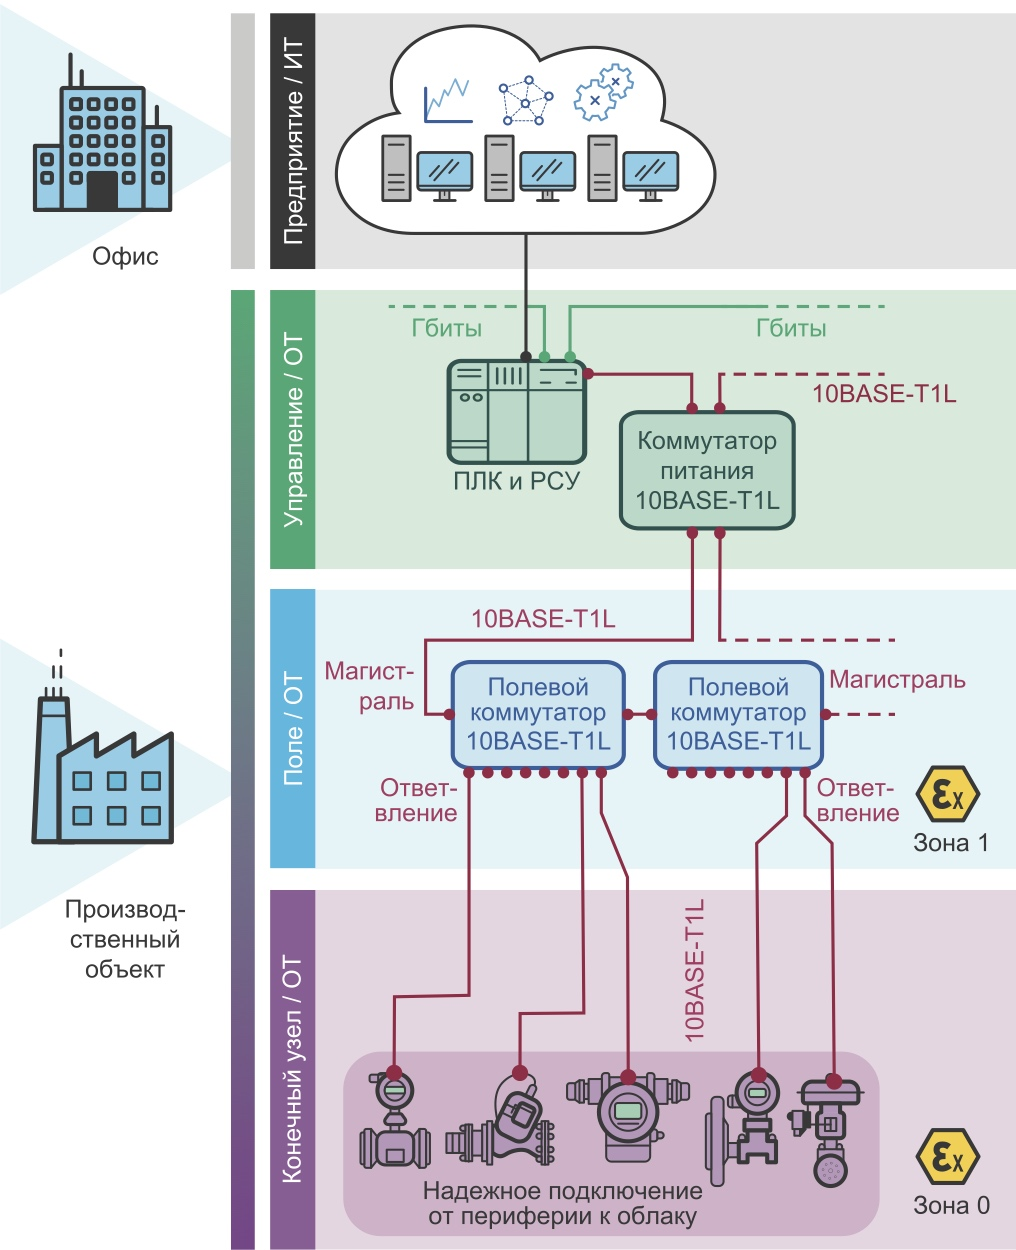 Топология сети 10BASE-T1L для обрабатывающей промышленности